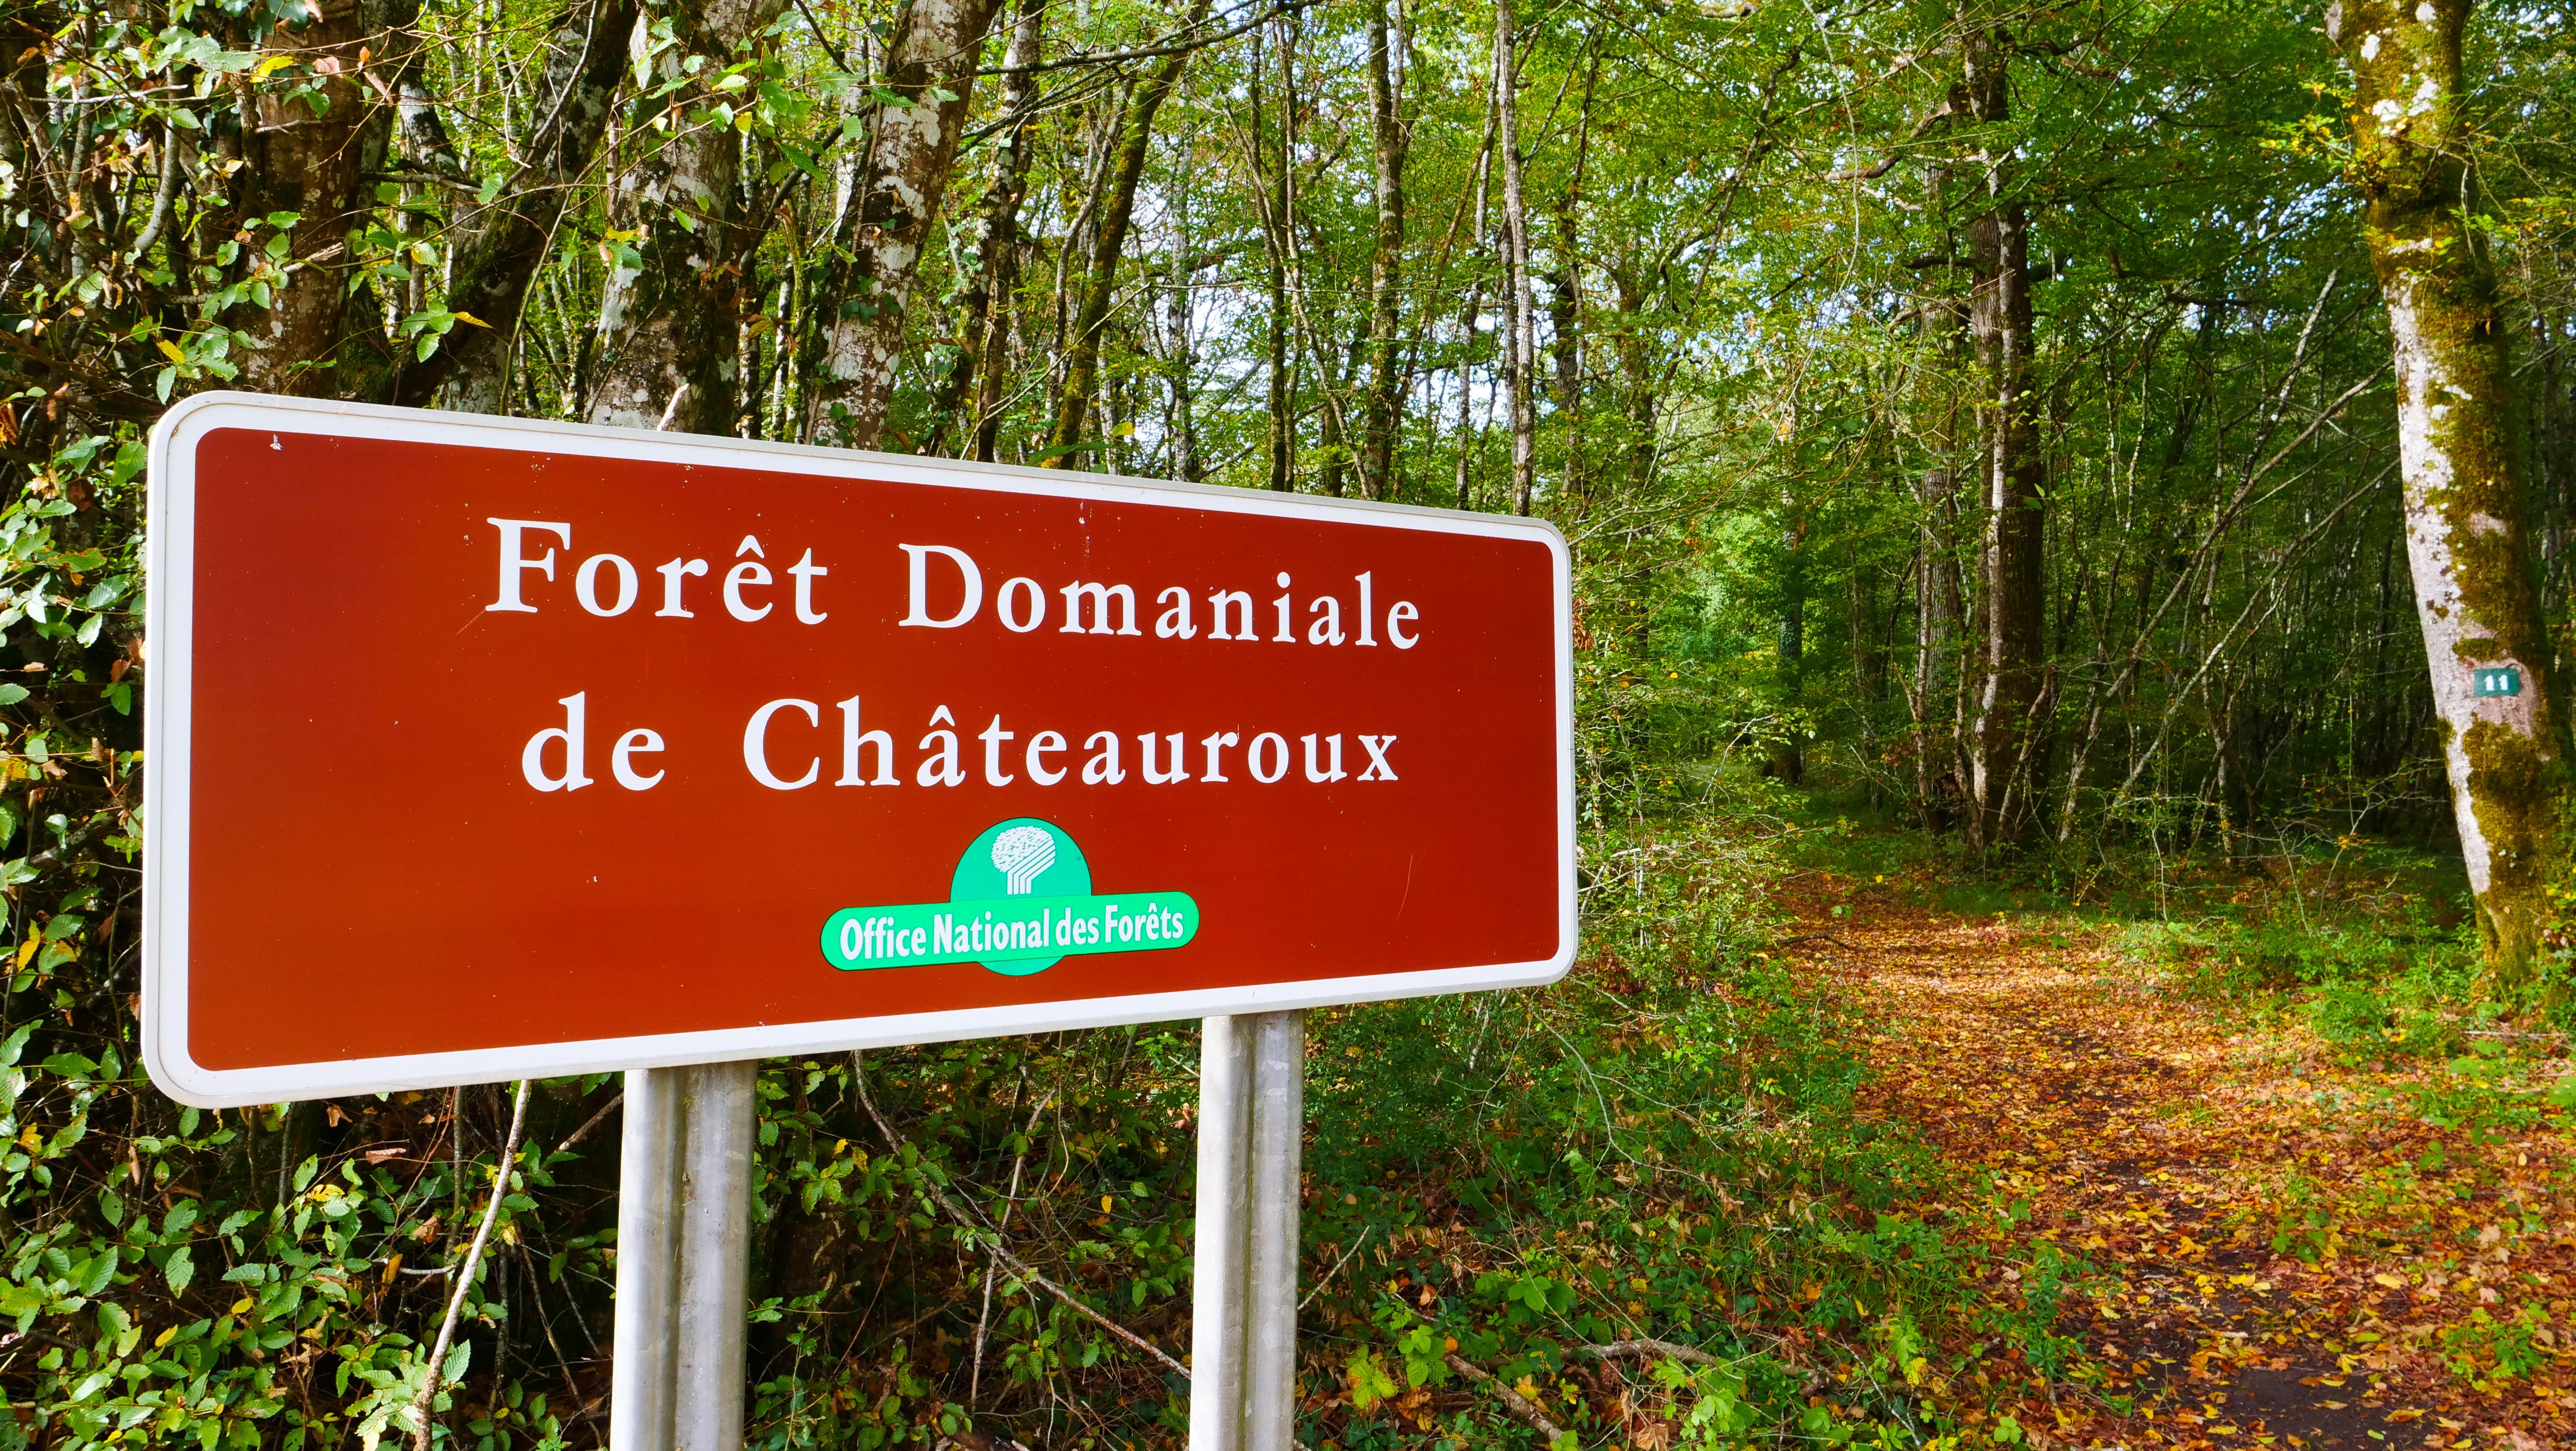 foret-domaniale-chateauroux-c-boussole-voyageuse (2)